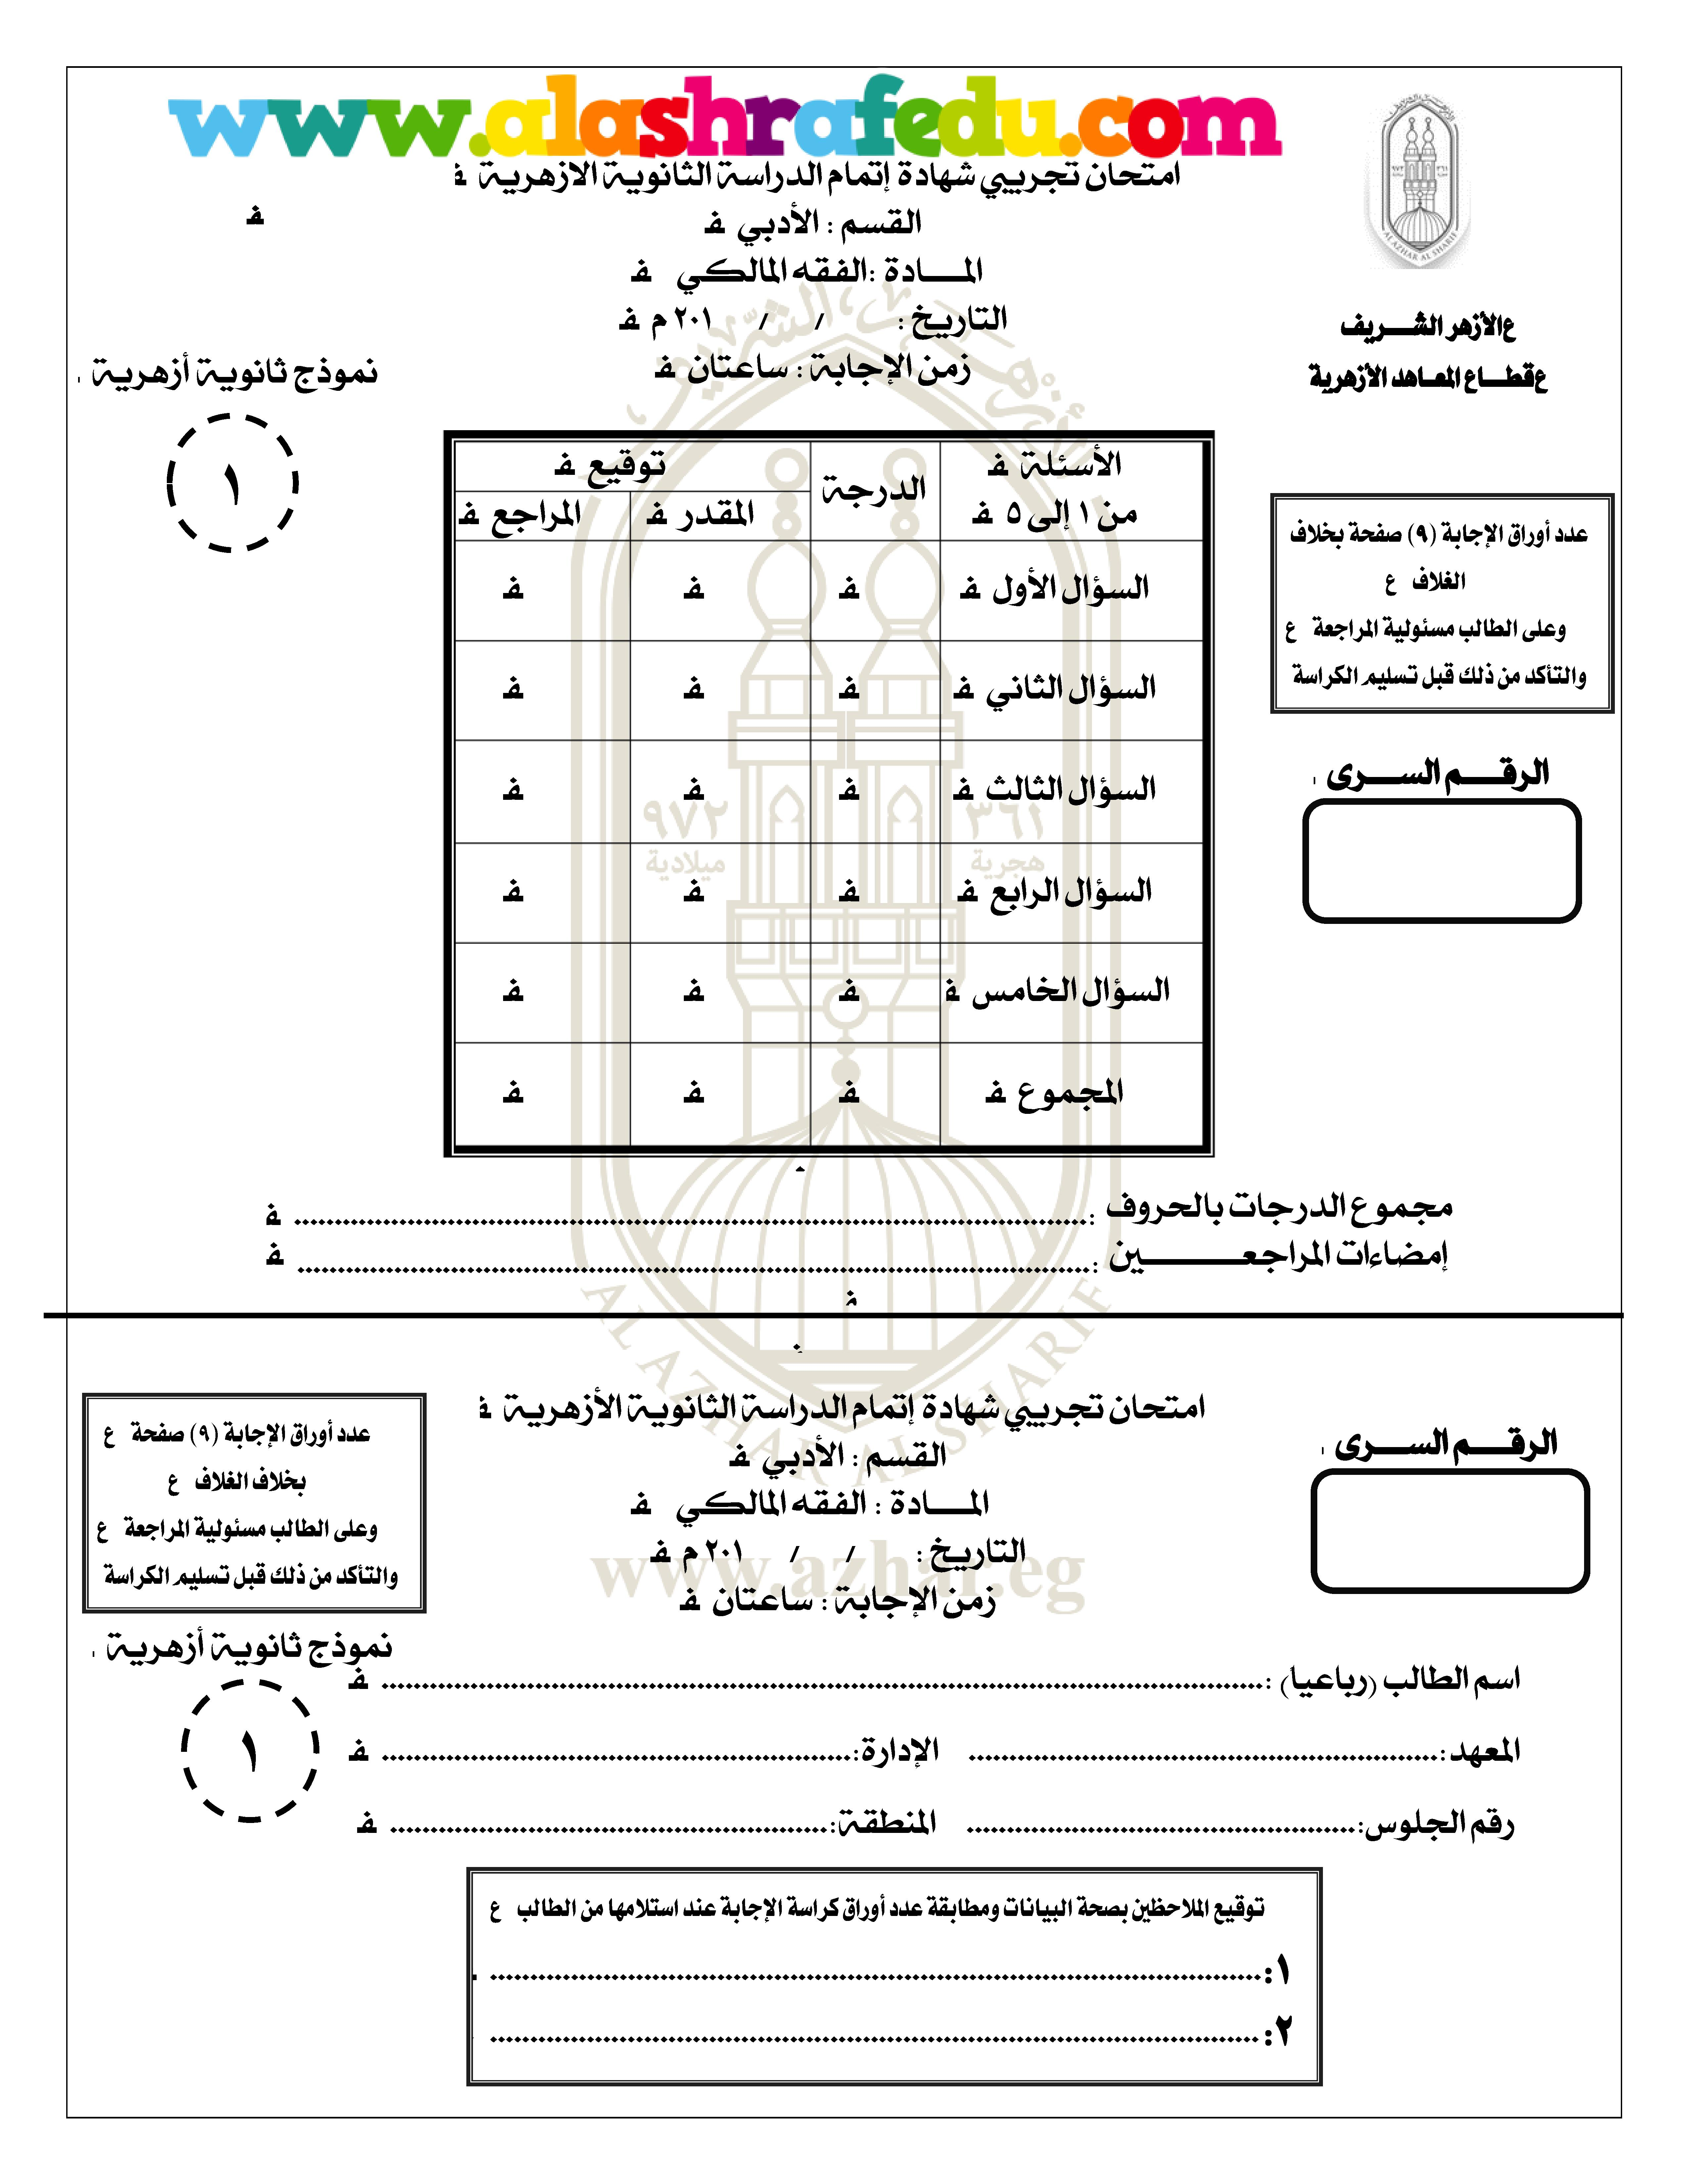 نموذج بوكليت إسترشادى مالكى الإمتحان الإجابه 2019 الشهاده الثانويه الأزهريه www.alashrafedu.com1